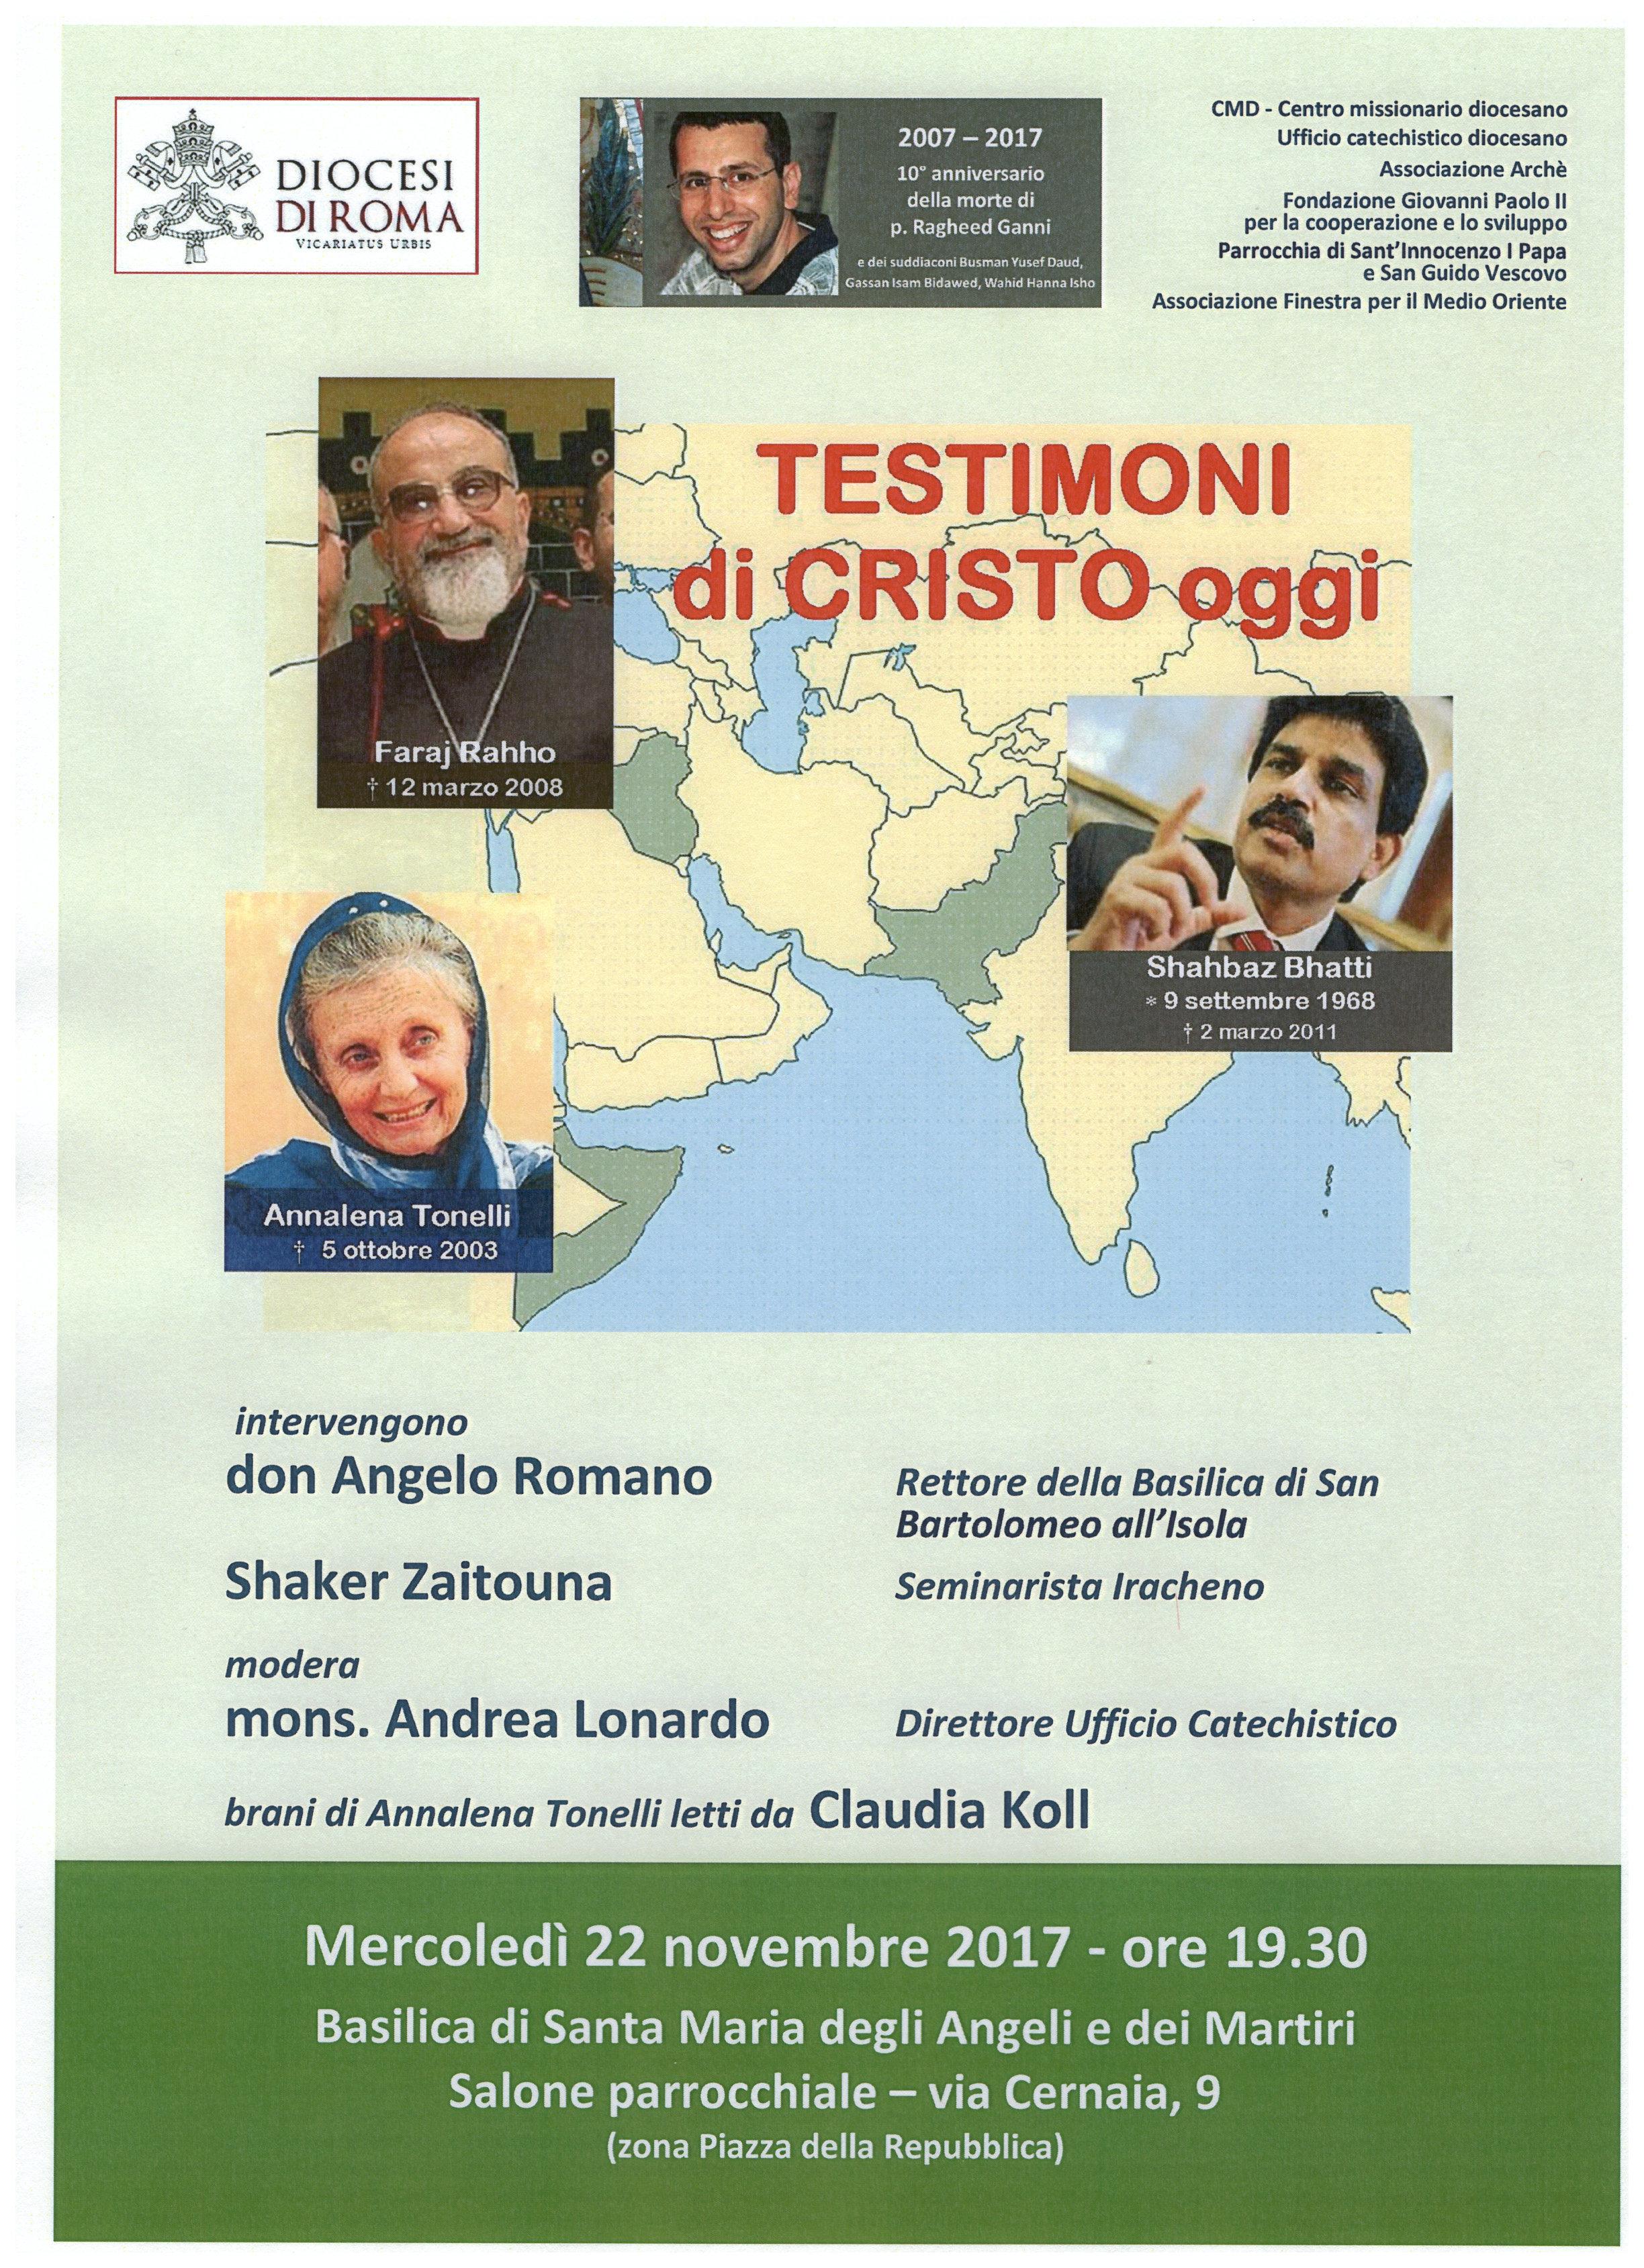 22/11/2017 INCONTRO TESTIMONI DI CRISTO OGGI